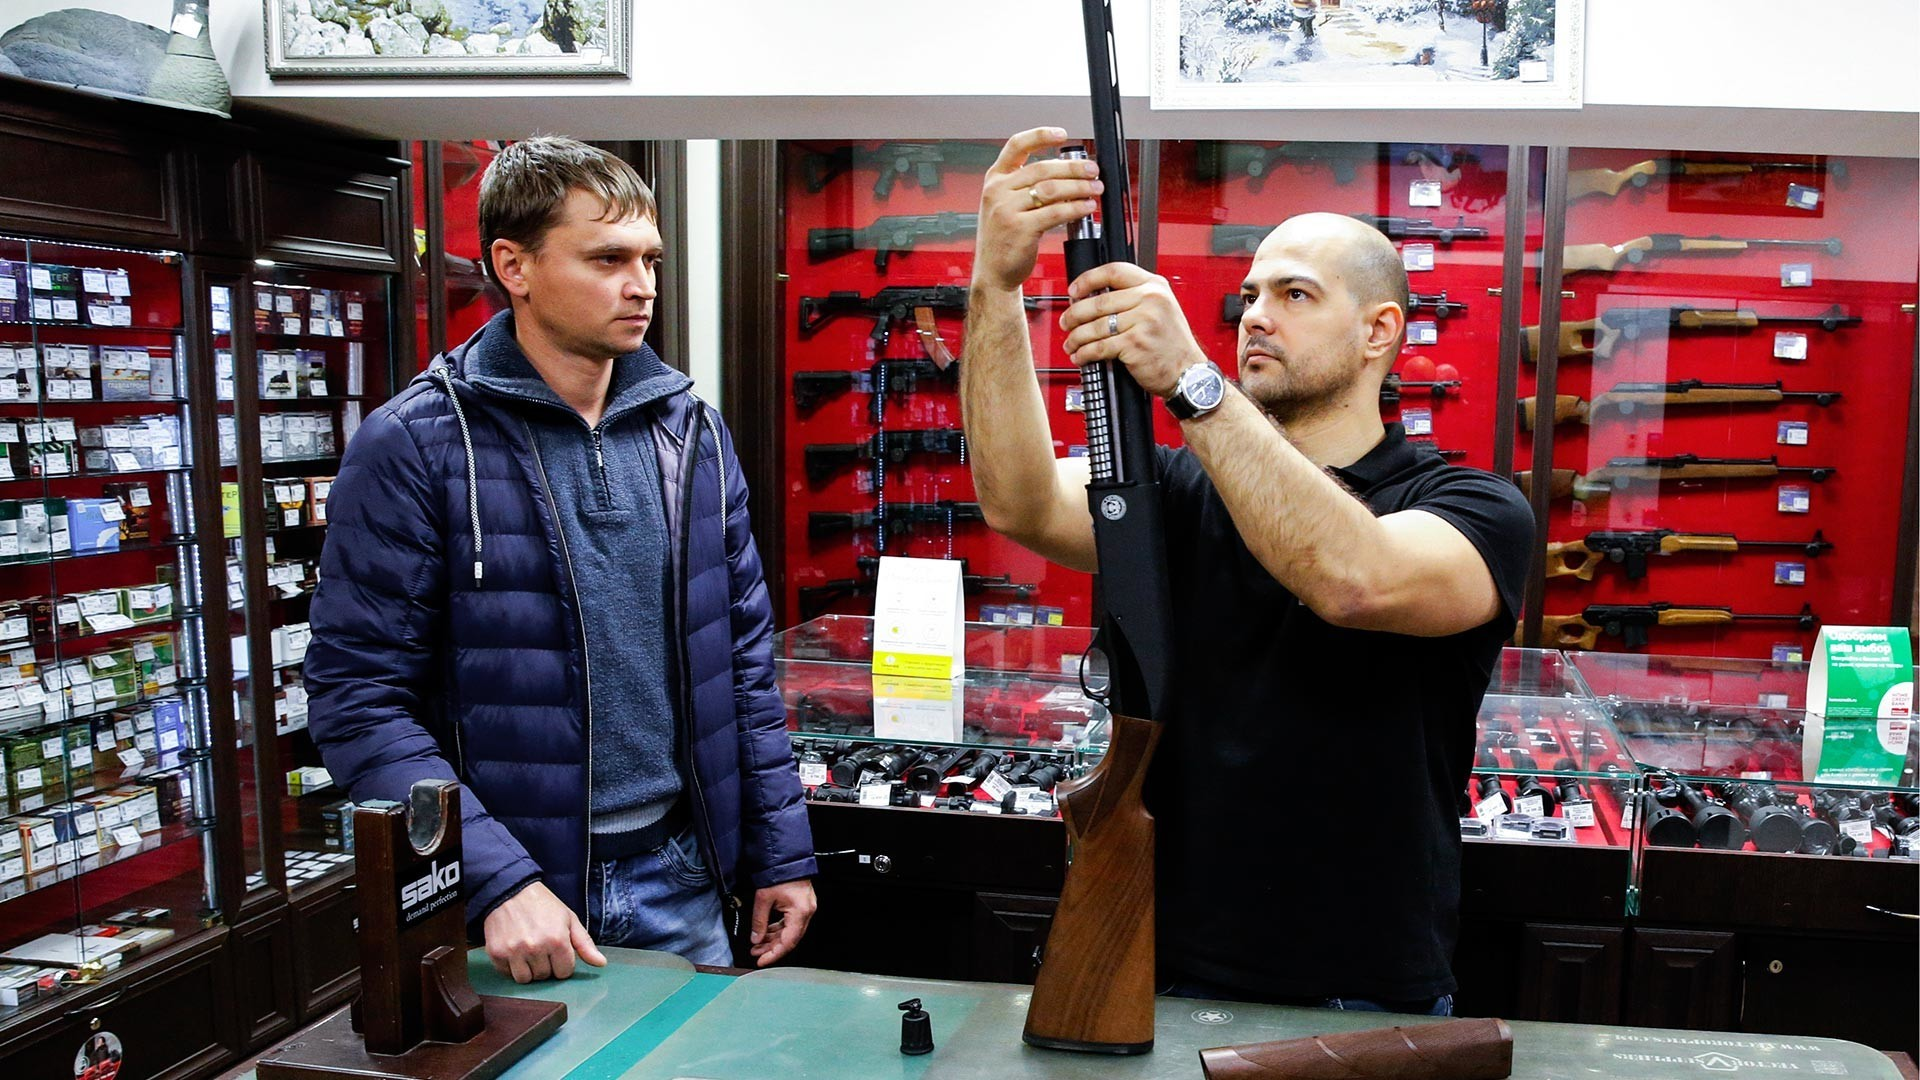 Stranka si ogleduje puške v prodajalni orožja v Čeljabinsku.